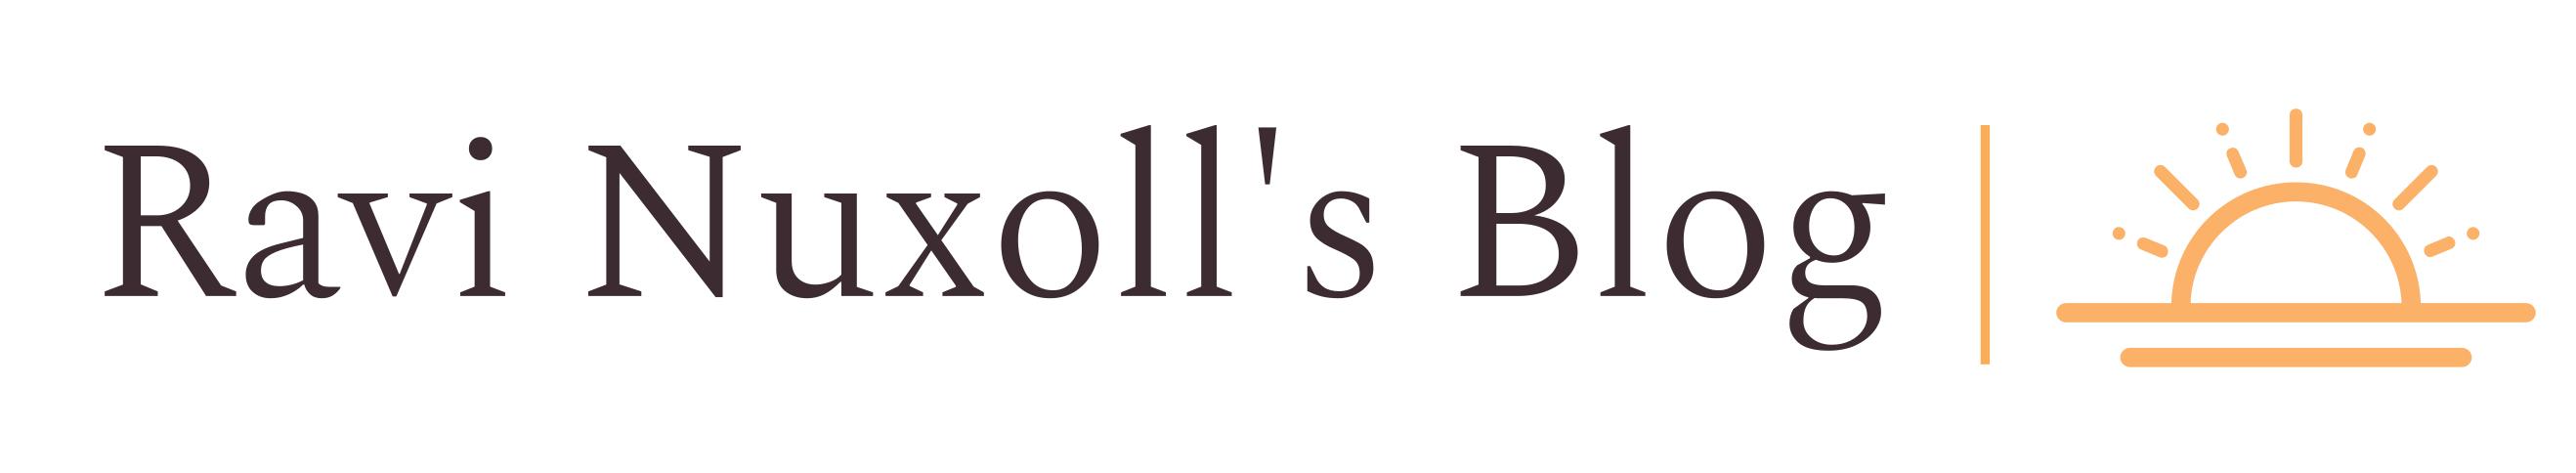 Ravi Nuxoll's Blog